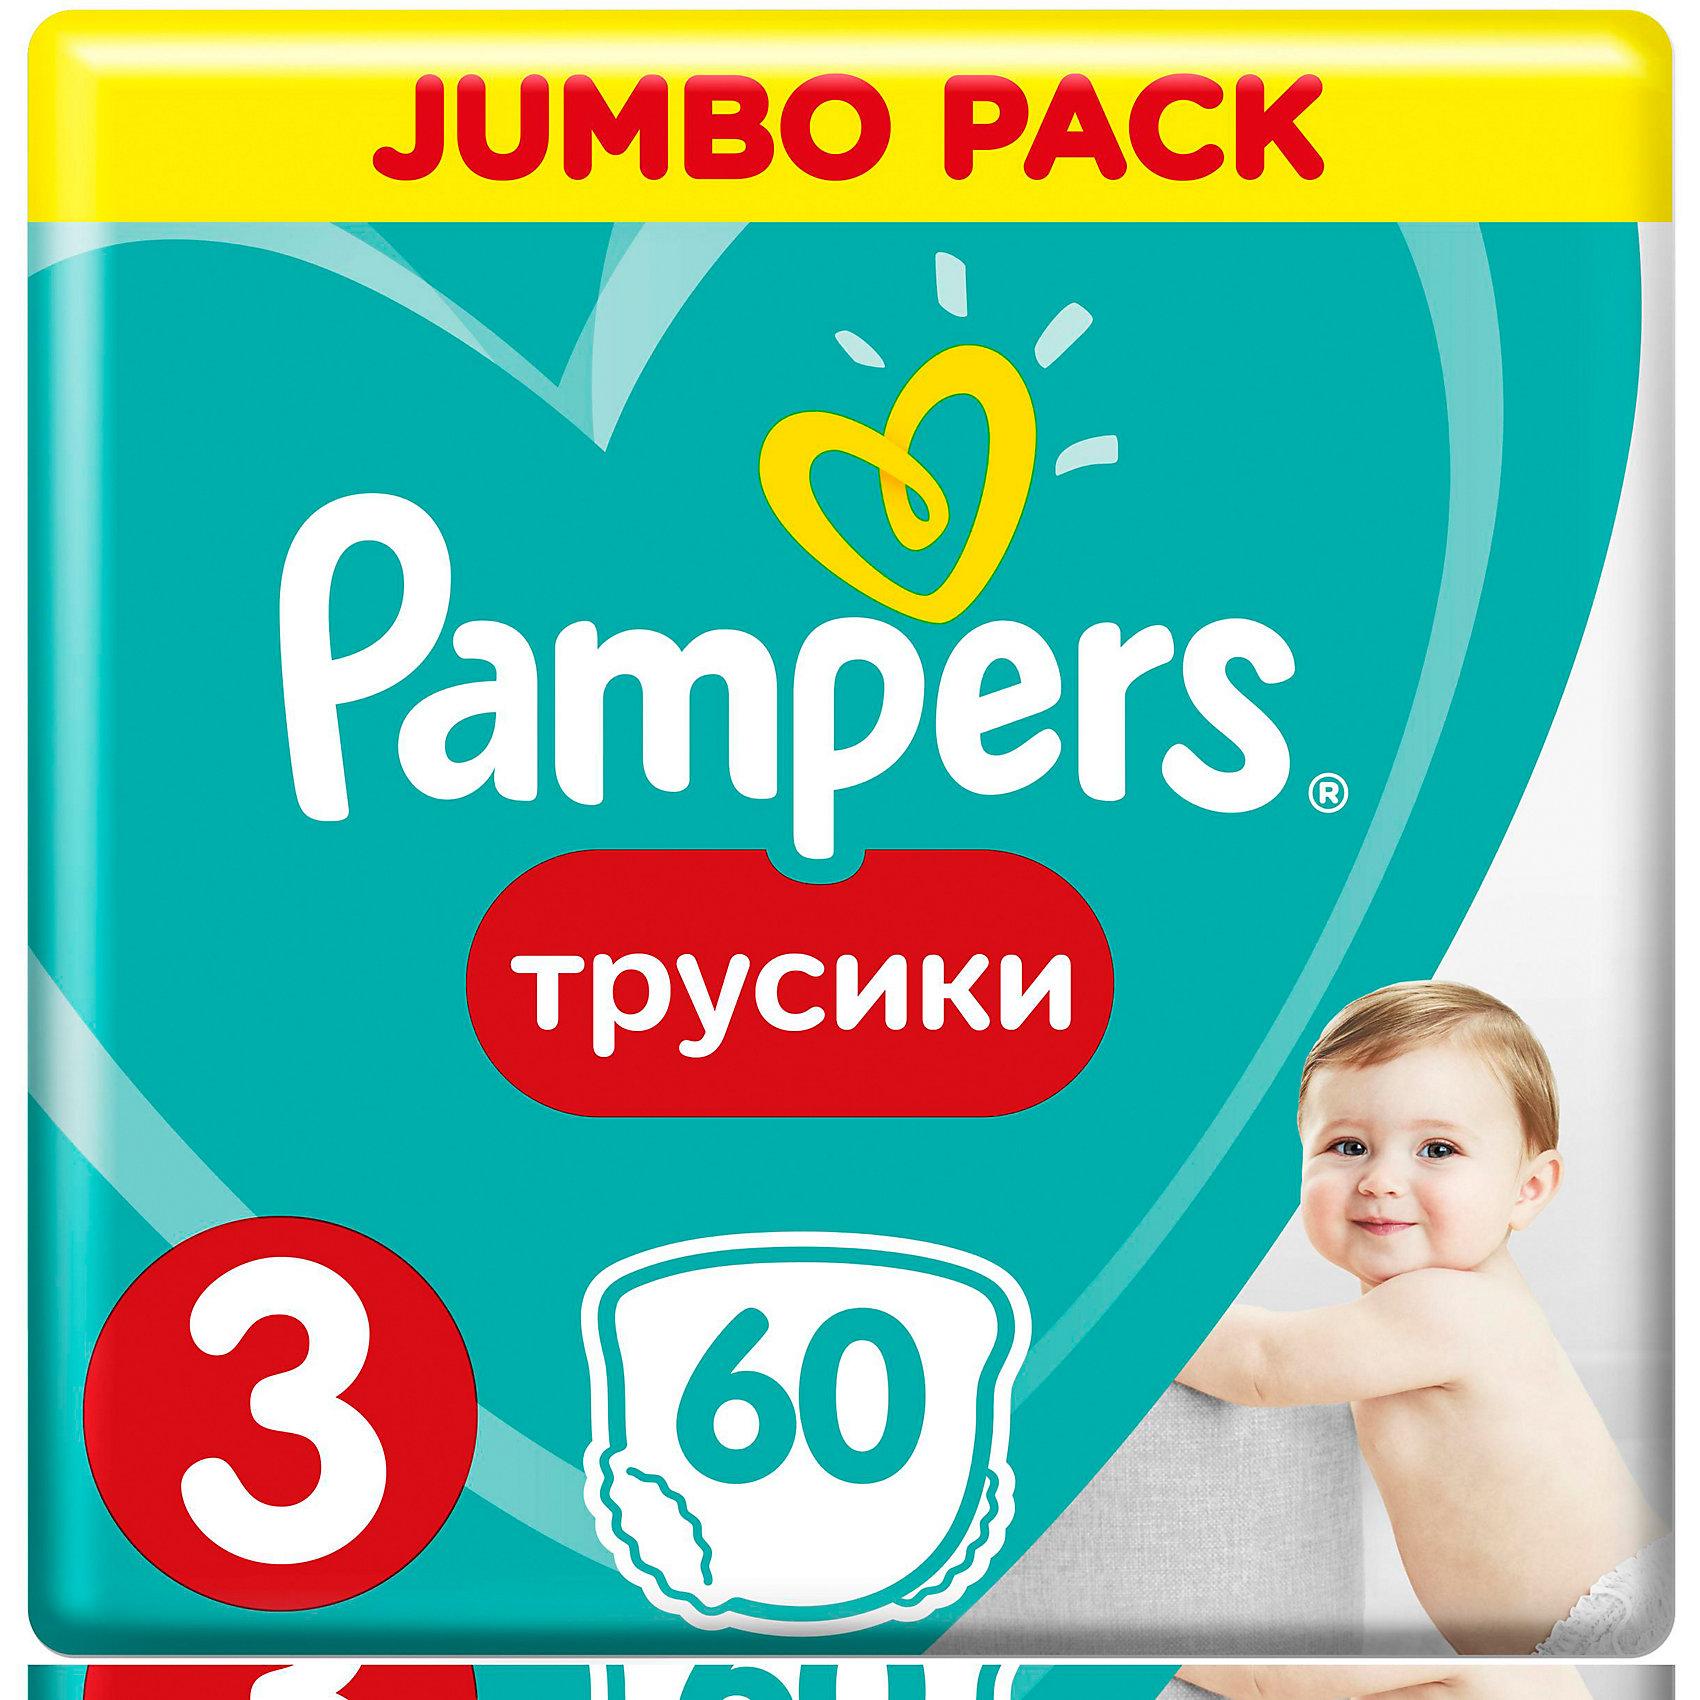 Трусики Pampers Pants, 6-11кг, размер 3, 60 шт., PampersПодгузники 5-12 кг.<br>Характеристики:<br><br>• Вид подгузника: трусики<br>• Пол: универсальный<br>• Тип подгузника: одноразовый<br>• Коллекция: Active Baby<br>• Предназначение: для ночного сна <br>• Размер: 3<br>• Вес ребенка: от 6 до 11 кг<br>• Количество в упаковке: 60 шт.<br>• Упаковка: пакет<br>• Размер упаковки: 26,1*14,3*39 см<br>• Вес в упаковке: 1 кг 412 г<br>• Наружные боковые швы<br>• До 12 часов сухости<br>• Эластичные резинки <br>• Дышащие материалы<br>• Повышенные впитывающие свойства<br><br>Трусики Pampers Pants, 6-11 кг, размер 3, 60 шт., Pampers – это новейшая линейка детских подгузников от Pampers, которая сочетает в себе высокое качество и безопасность материалов, удобство использования и комфорт для нежной кожи малыша. Подгузники выполнены в виде трусиков и предназначены для детей весом до 11 кг. Инновационные технологии и современные материалы обеспечивают этим подгузникам Дышащие свойства, что особенно важно для кожи малыша. Повышенные впитывающие качества изделию обеспечивают специальные микрогранулы, сохраняя верхний слой сухим до 12 часов, именно поэтому эту линейку трусиков производитель рекомендует использовать для ночного сна. <br><br>У трусиков предусмотрена эластичная мягкая резиночка на спинке и манжеты на ножках, что защищает от протекания. Боковые наружные швы не натирают нежную кожу малыша, легко разрываются при смене трусиков. Сзади имеется клейкая лента, которая позволяет зафиксировать свернутые после использования трусики. Трусики подходит как для мальчиков, так и для девочек. <br><br>Трусики Pampers Pants, 6-11 кг, размер 3, 60 шт., Pampers можно купить в нашем интернет-магазине.<br><br>Ширина мм: 261<br>Глубина мм: 143<br>Высота мм: 390<br>Вес г: 1412<br>Возраст от месяцев: 3<br>Возраст до месяцев: 12<br>Пол: Унисекс<br>Возраст: Детский<br>SKU: 5419046